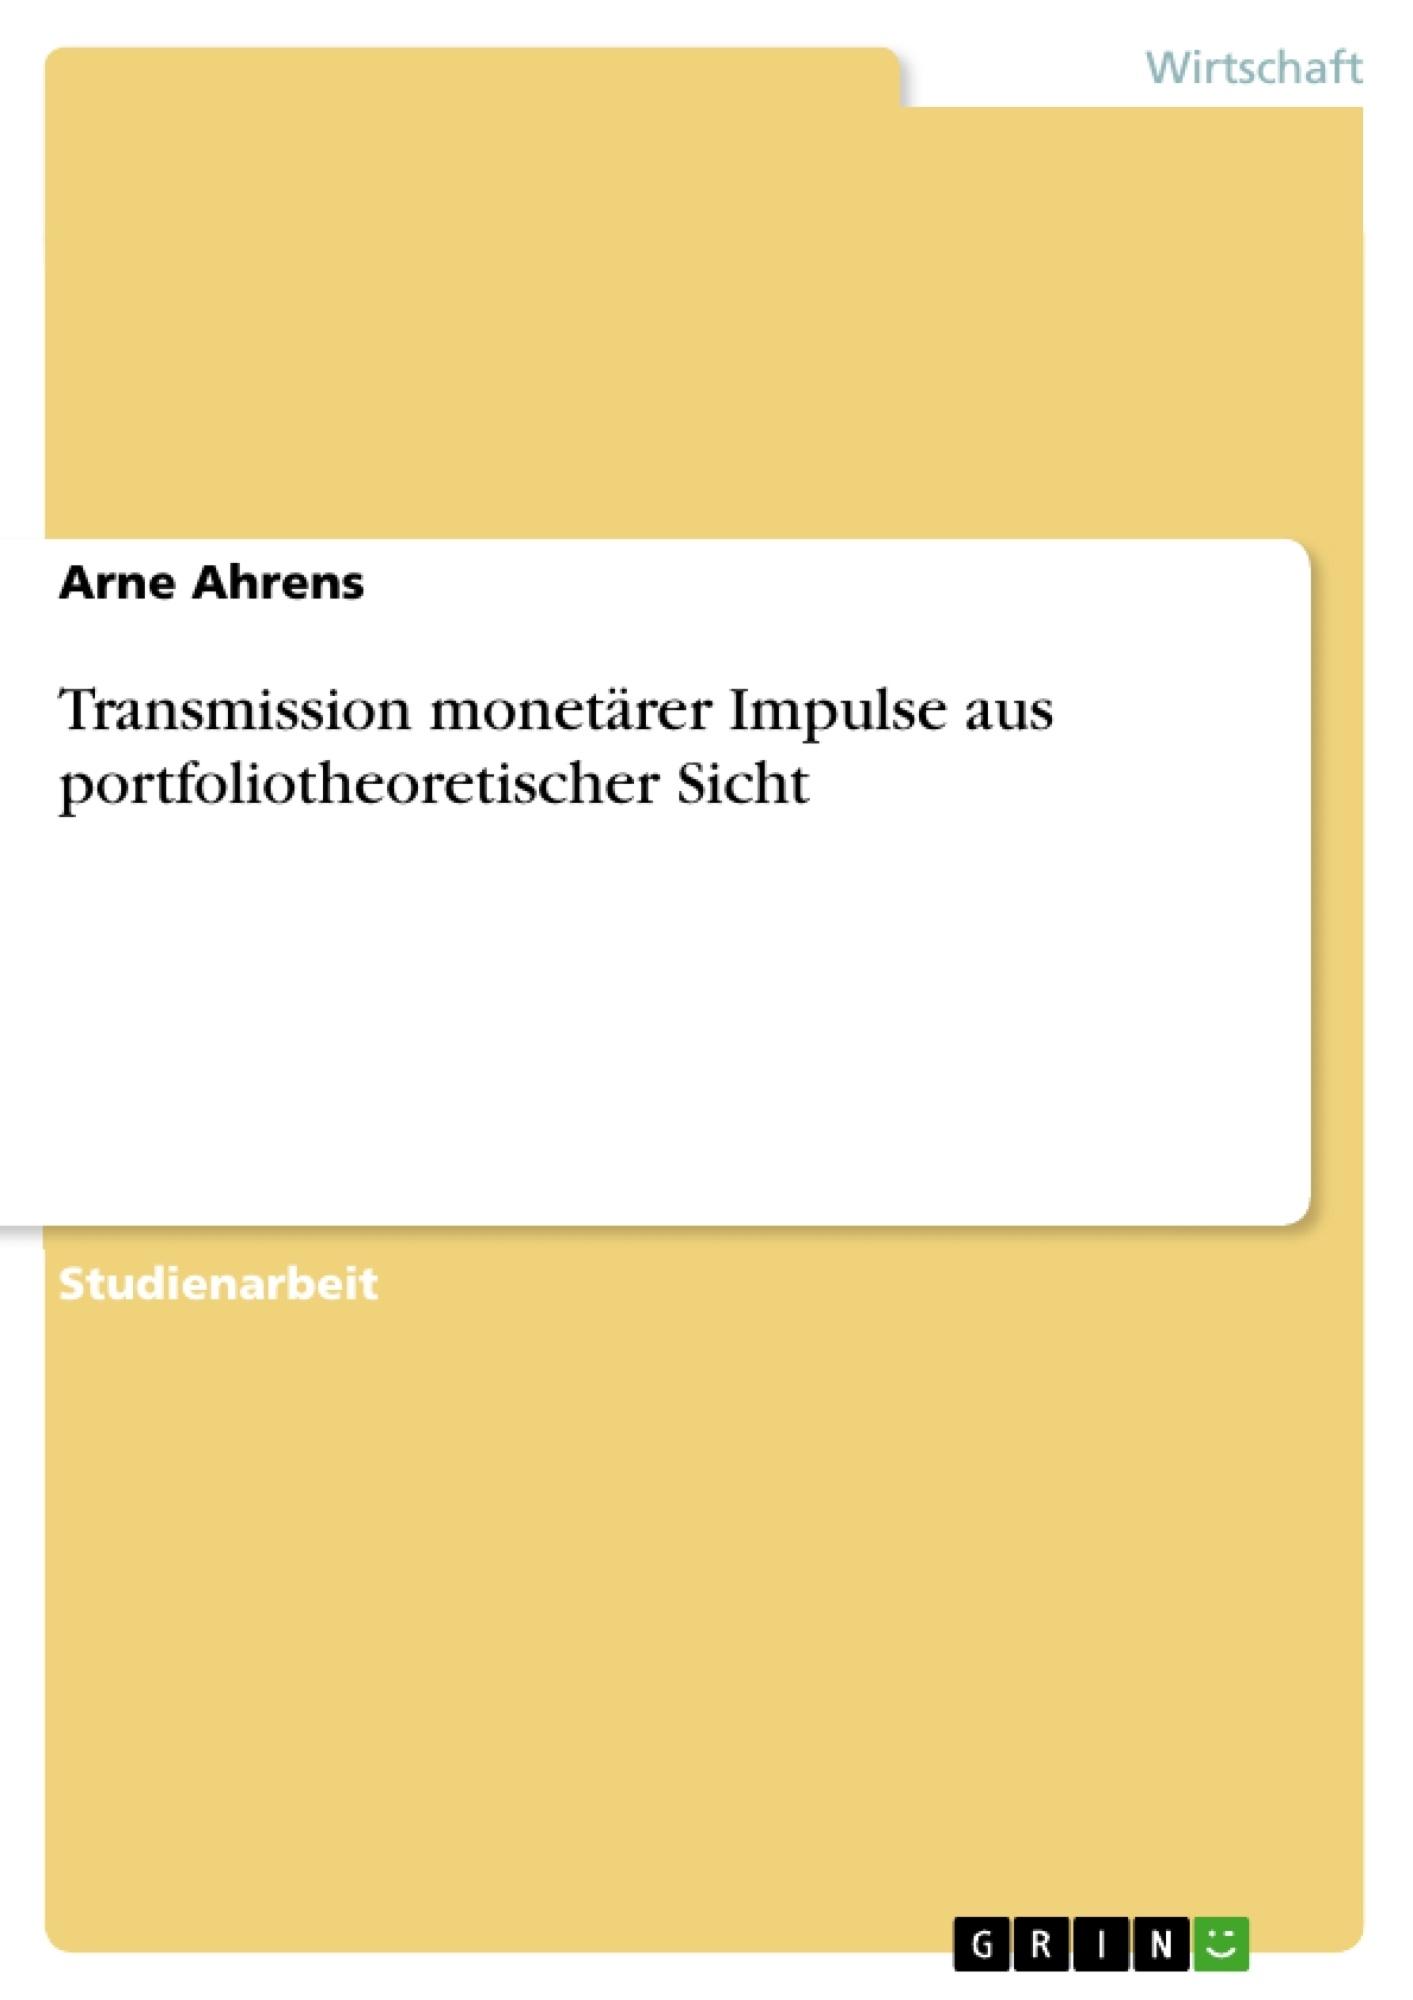 Titel: Transmission monetärer Impulse aus portfoliotheoretischer Sicht